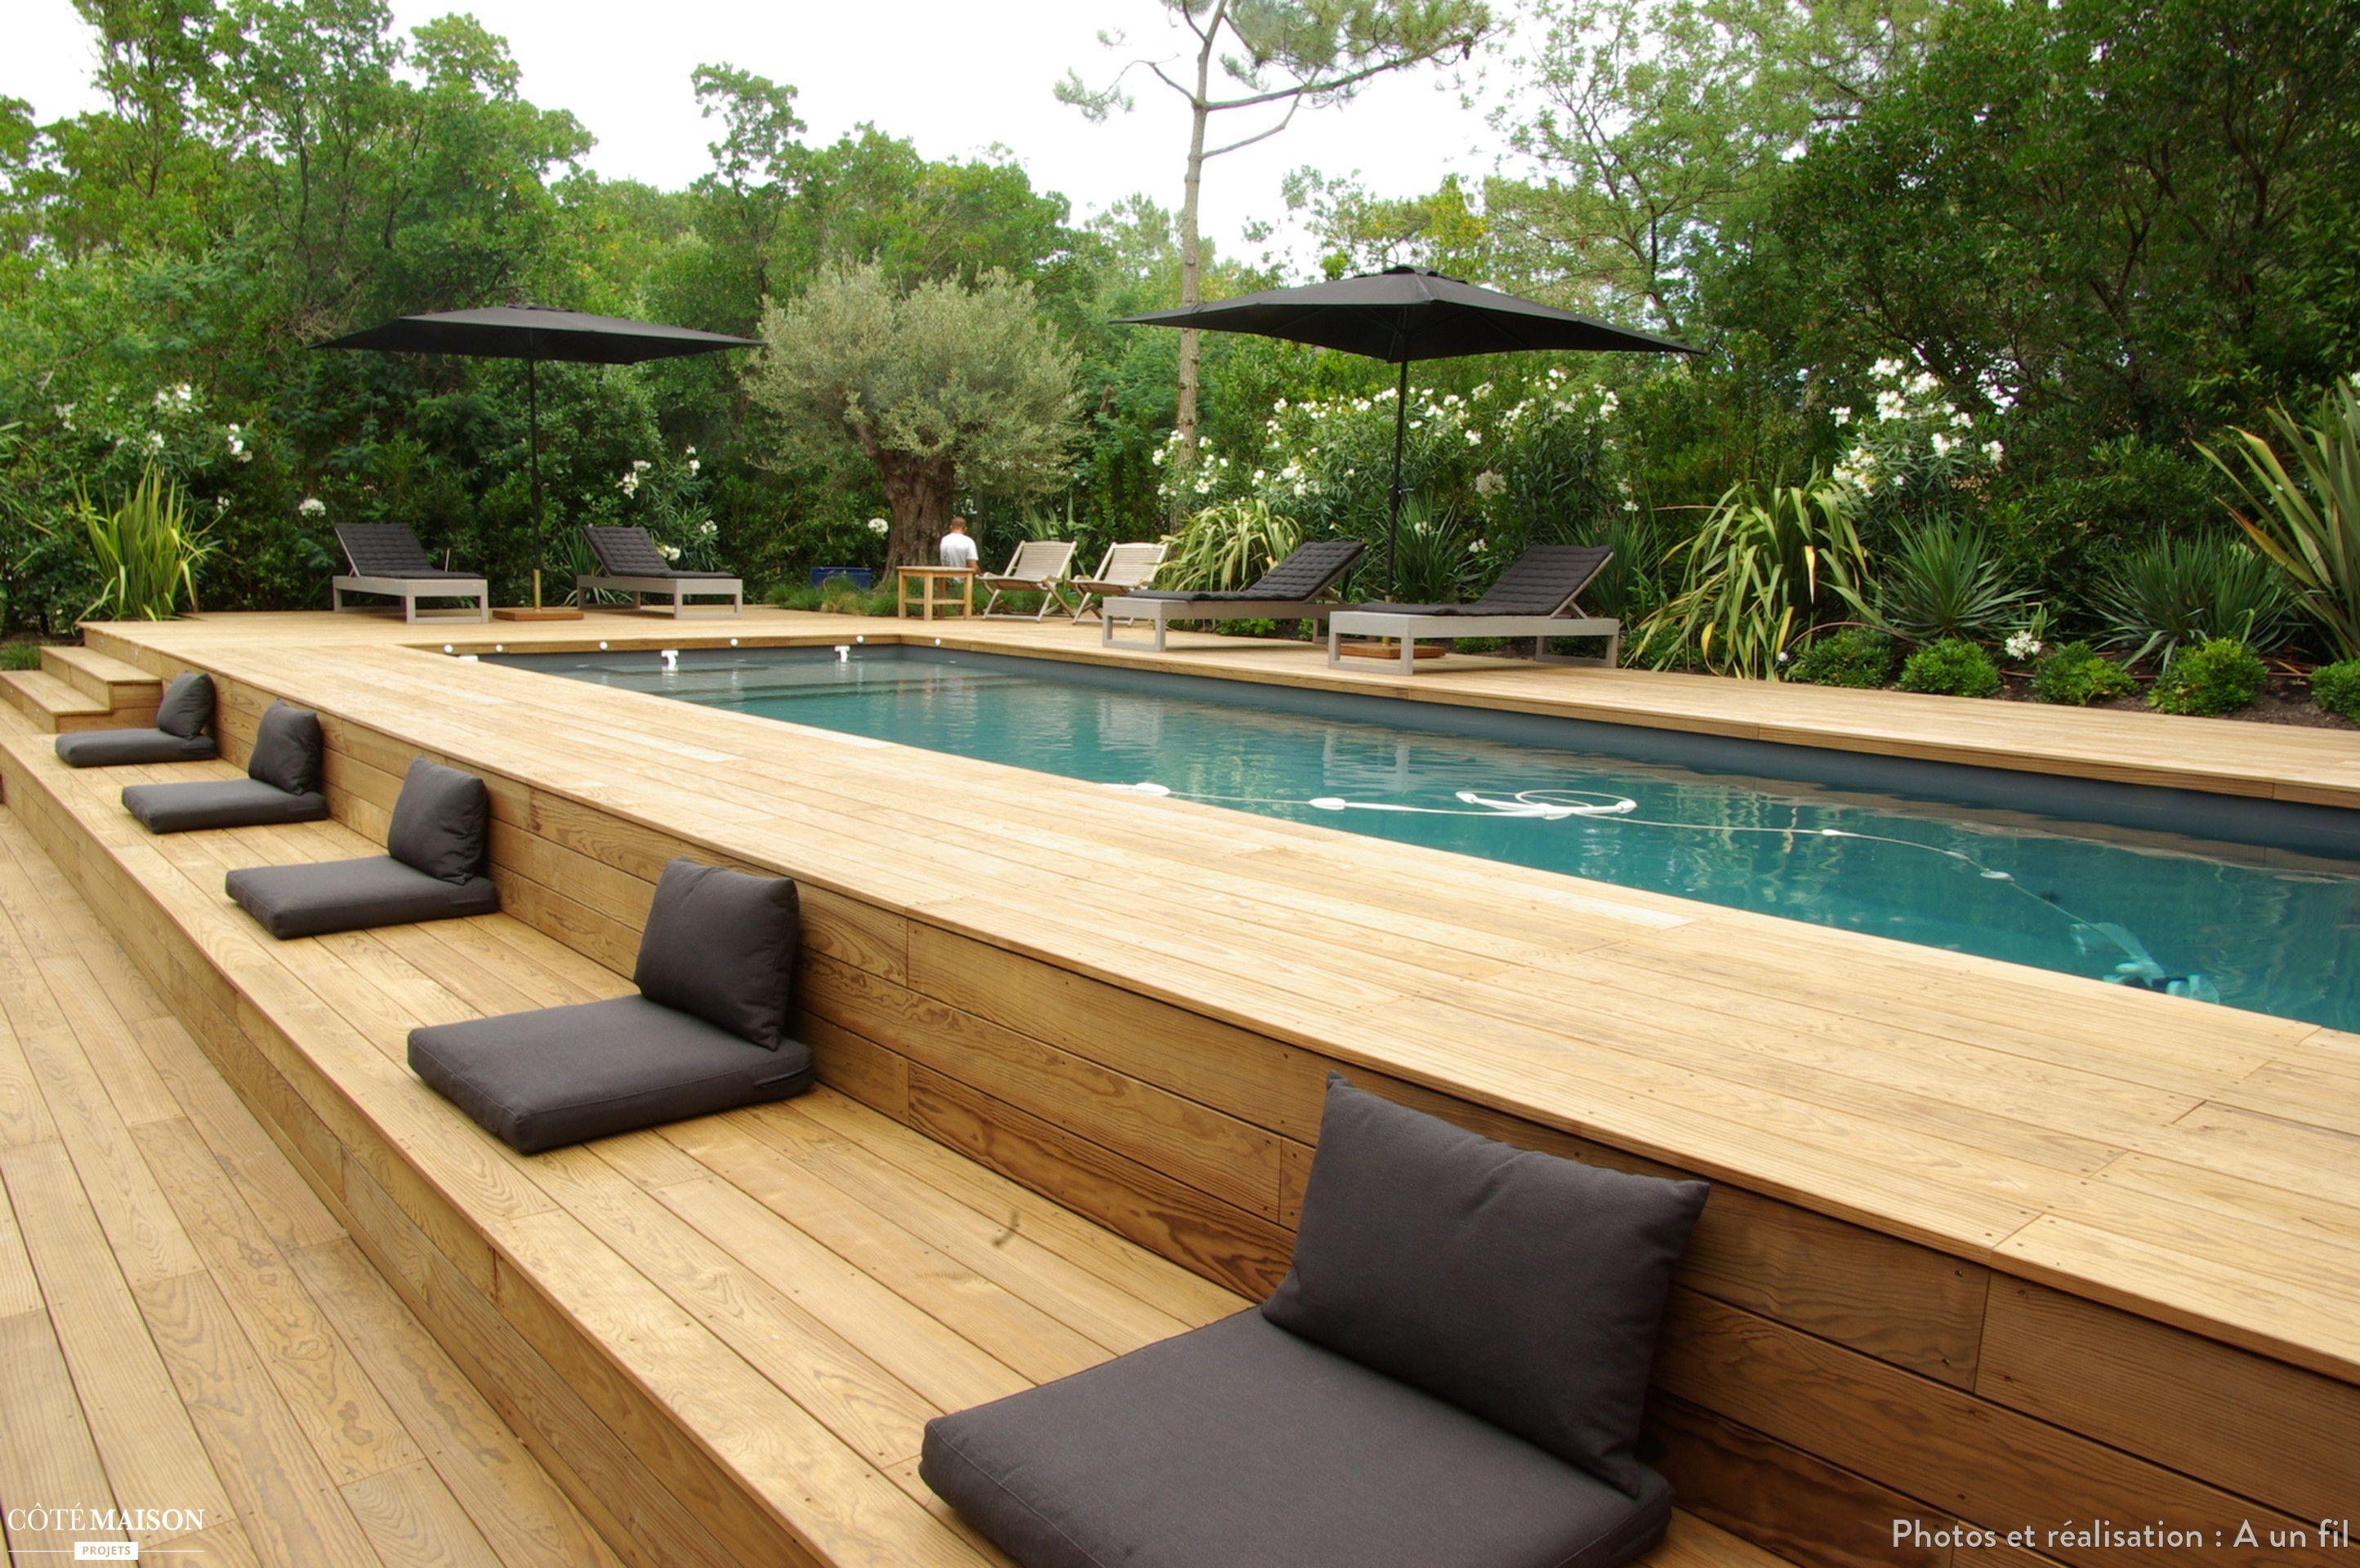 Piscine Tubulaire Habillage Bois une piscine chaleureuse au style épuré et tropical qui donne